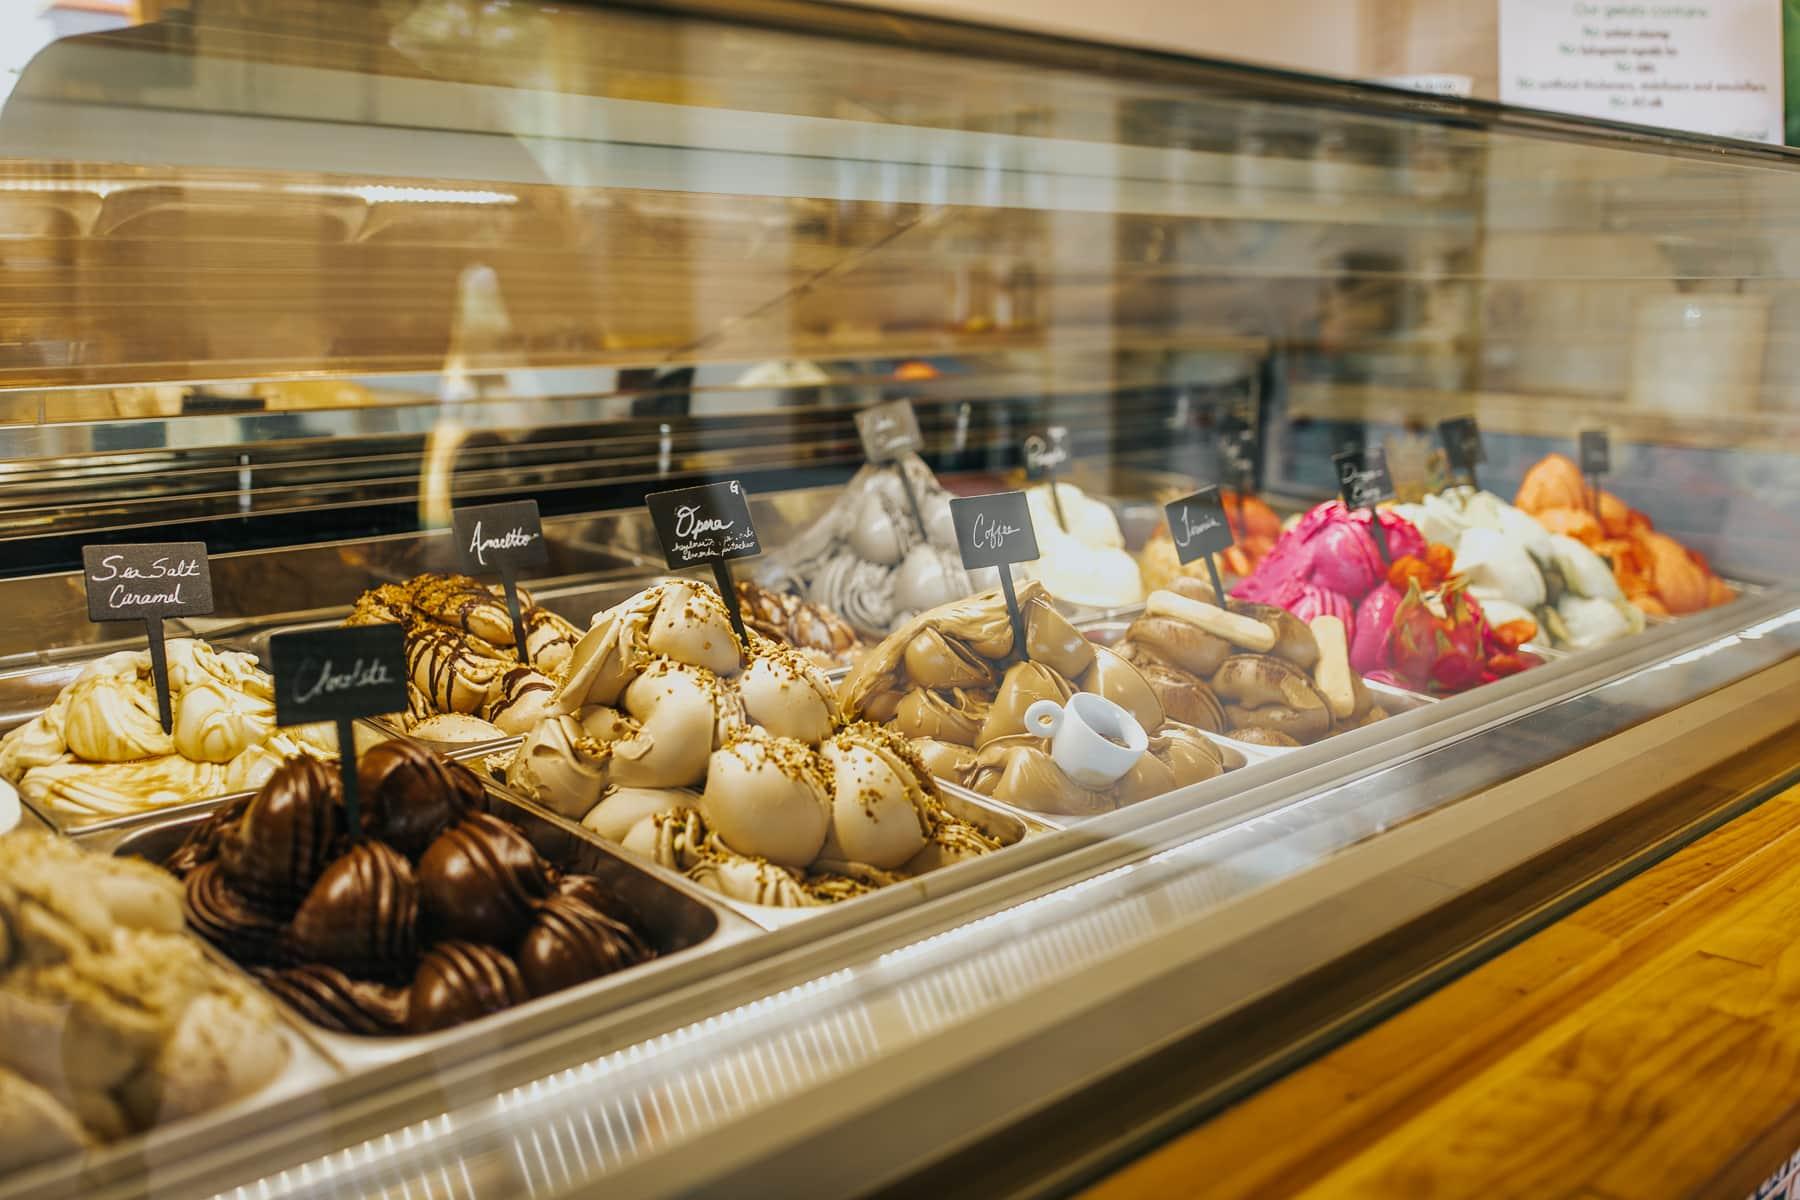 gelato flavors